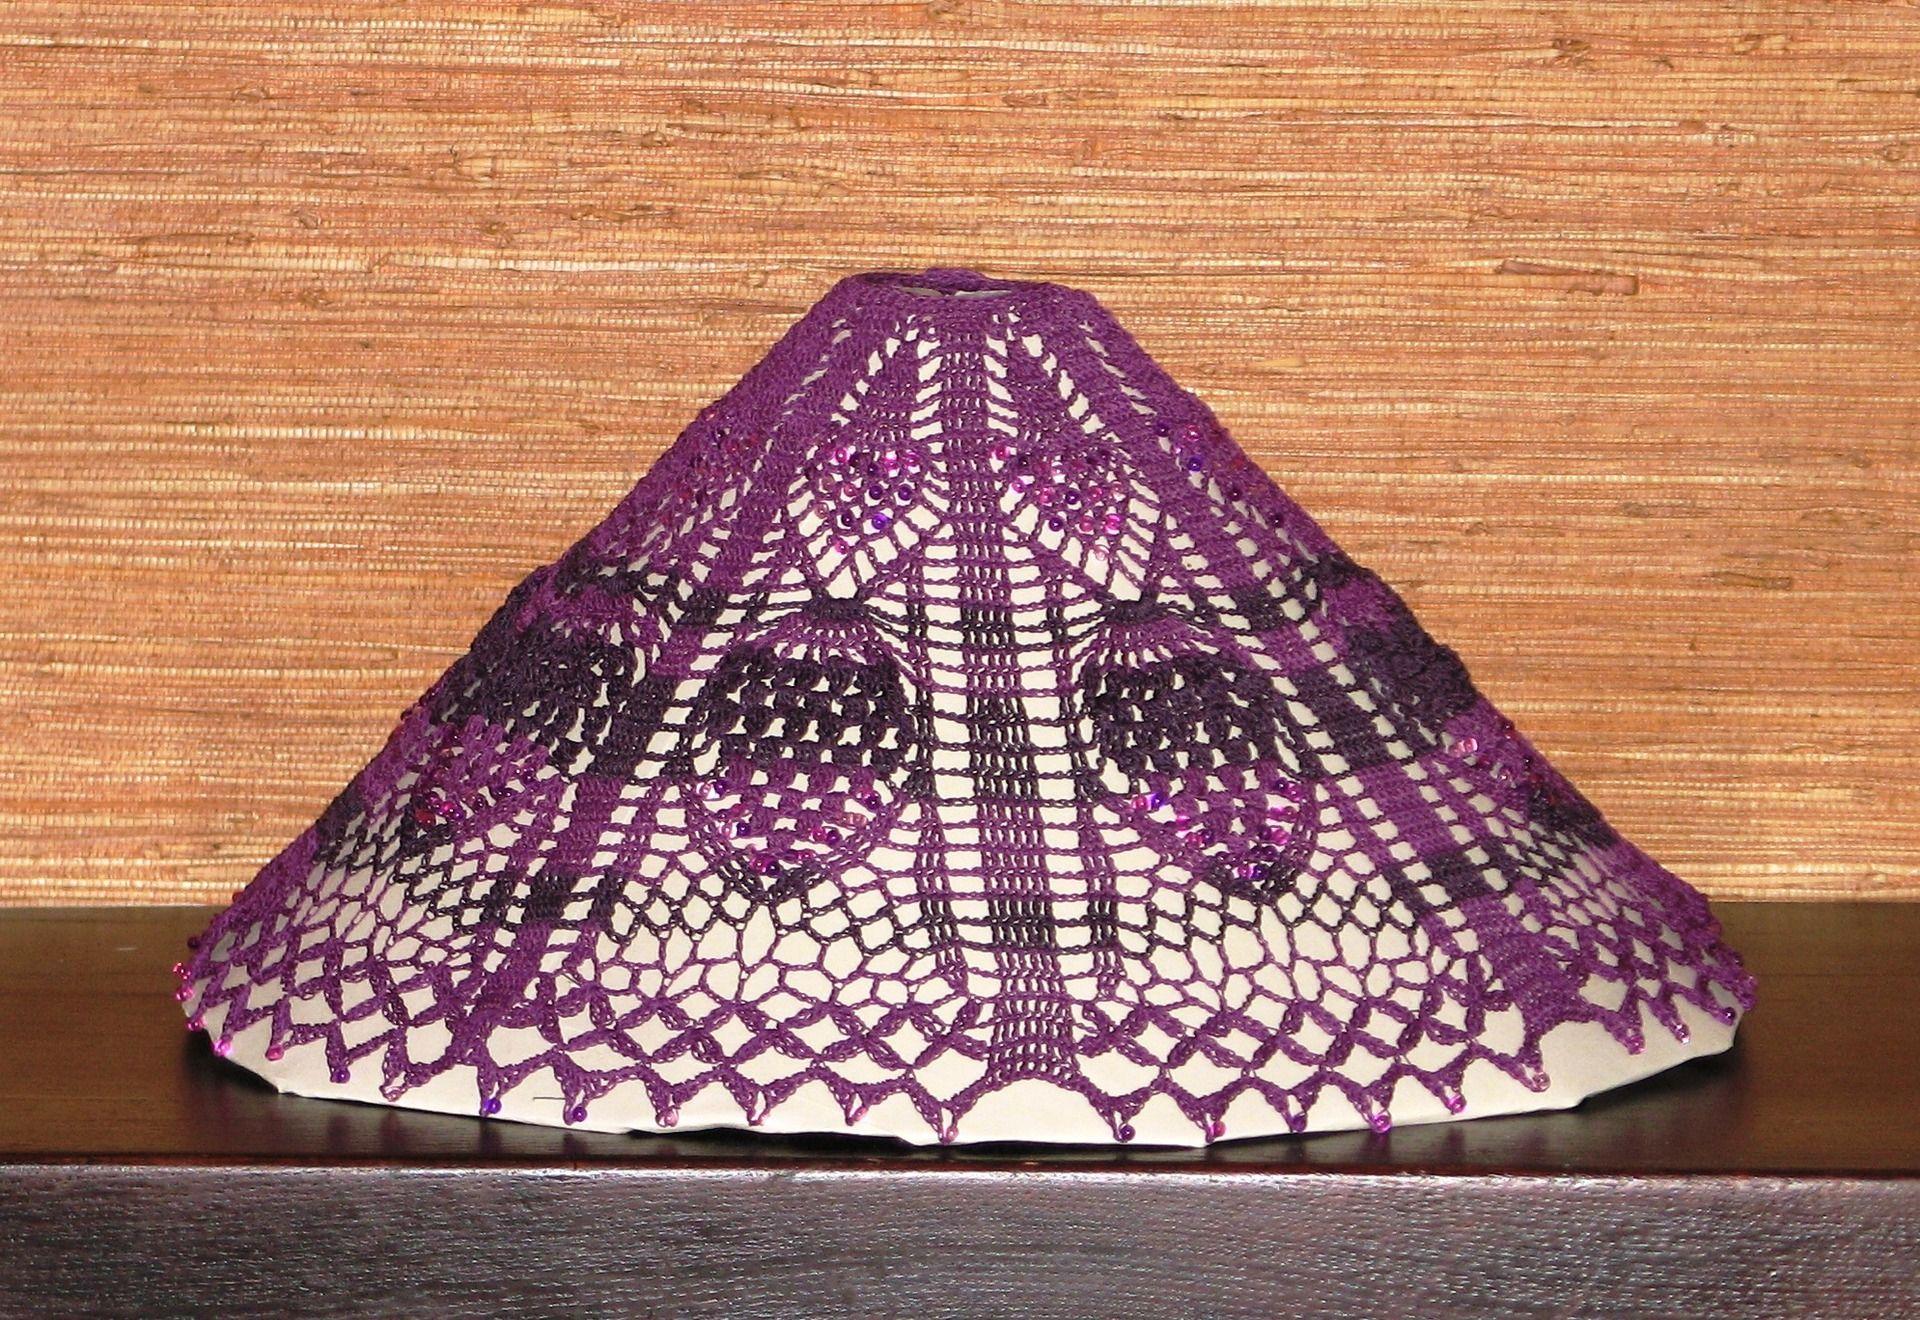 Nappe Lie De Vin jupon d'abat-jour rétro en lin violet et lie de vin crocheté